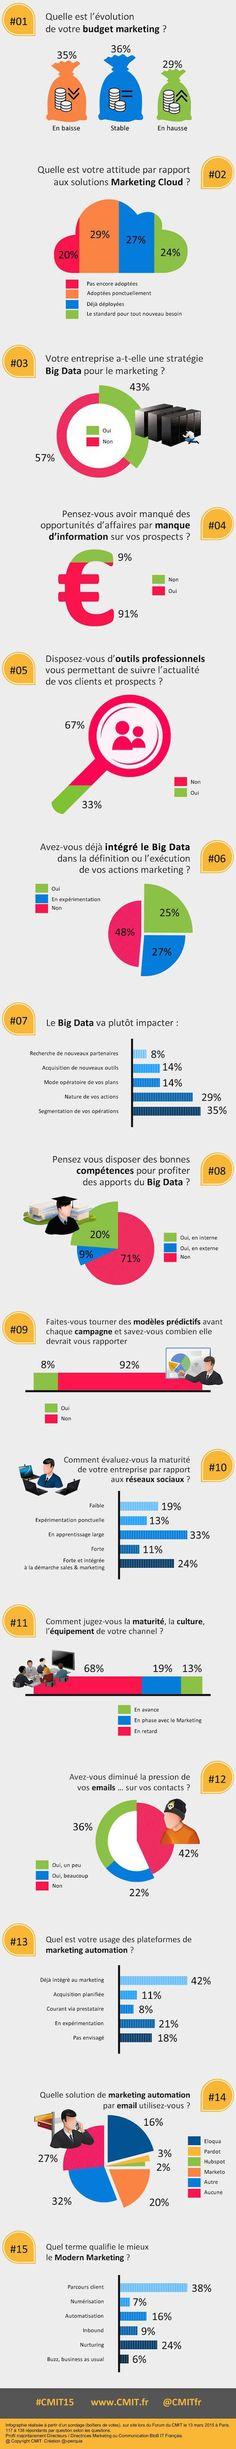 IT Social - Les enjeux du marketing des entreprises IT (infographie CMIT)